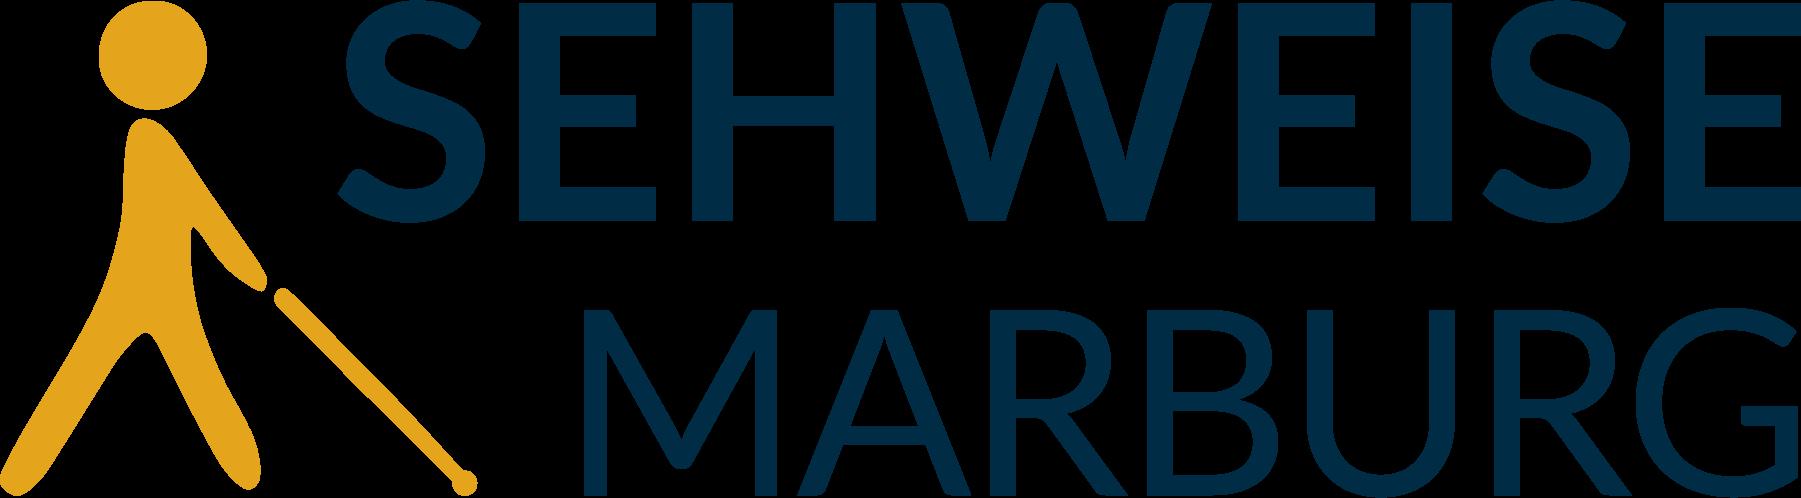 sehweise-marburg